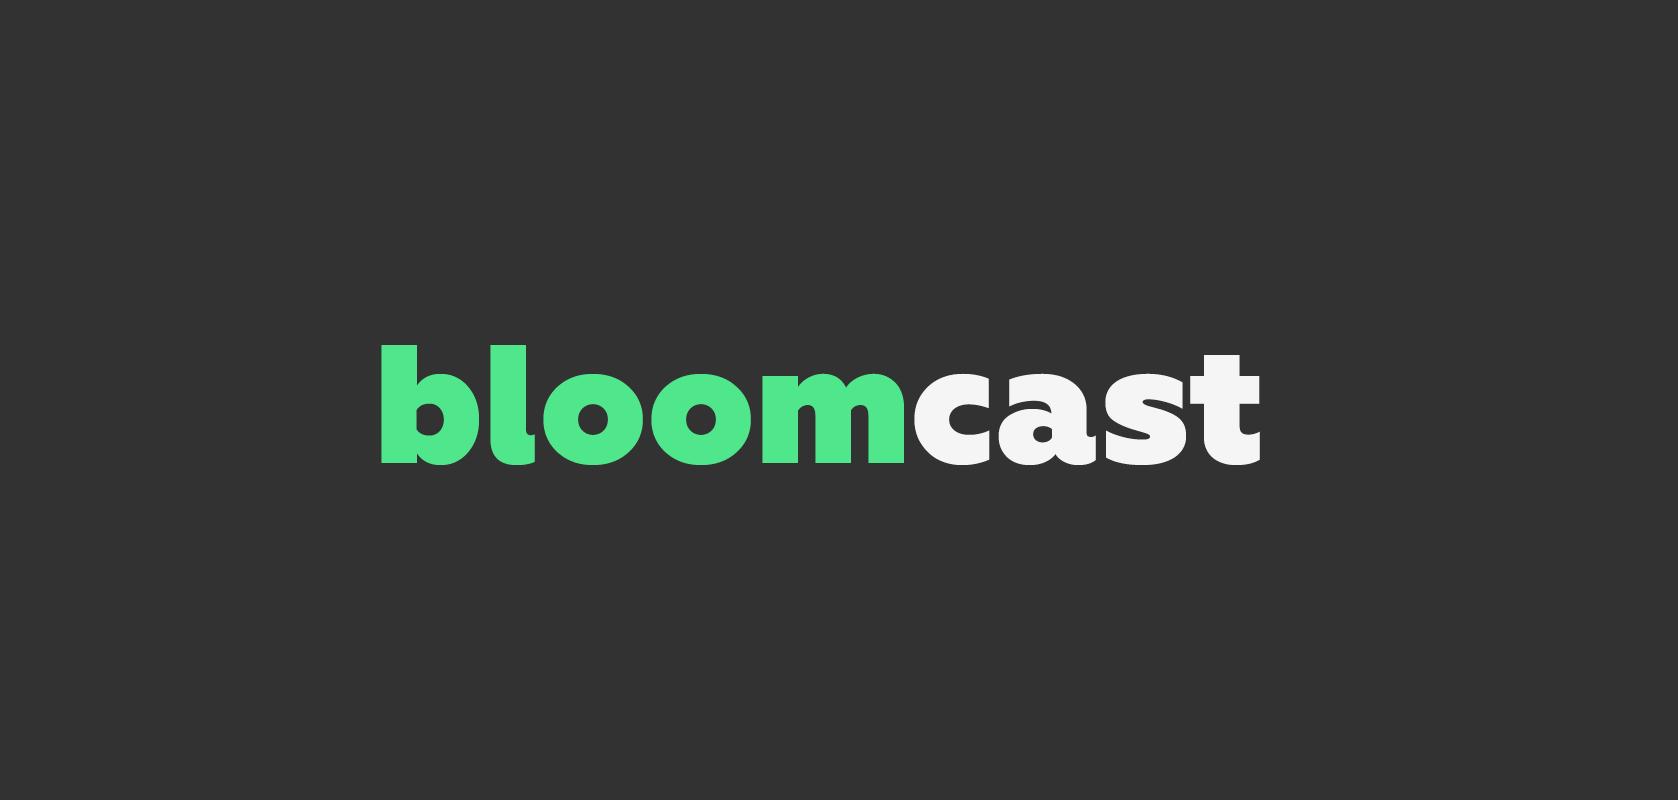 bloomcast-logo-tg-web